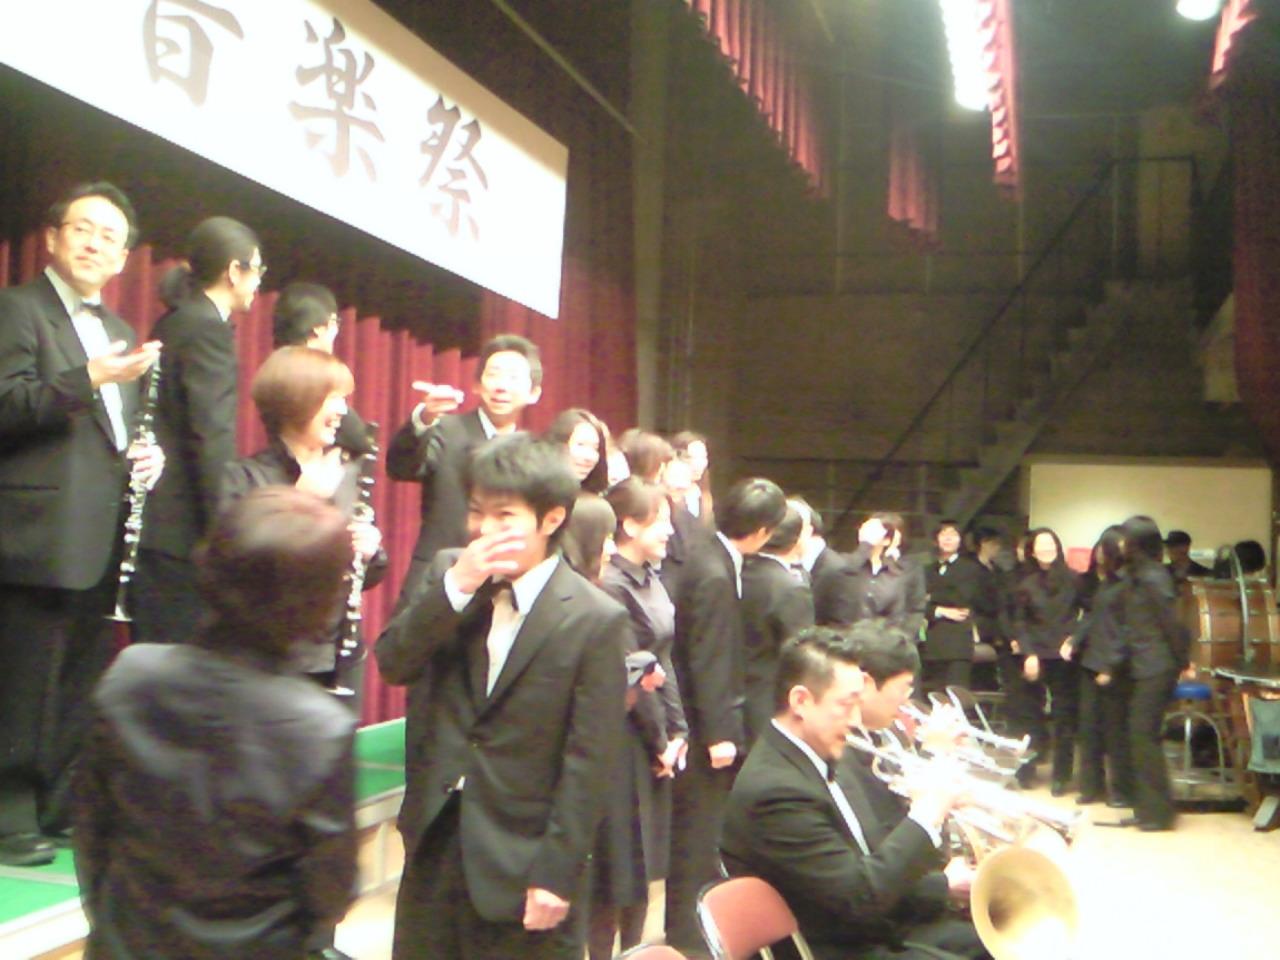 【3/6:10】《ゆう音楽祭》全プログラム終了